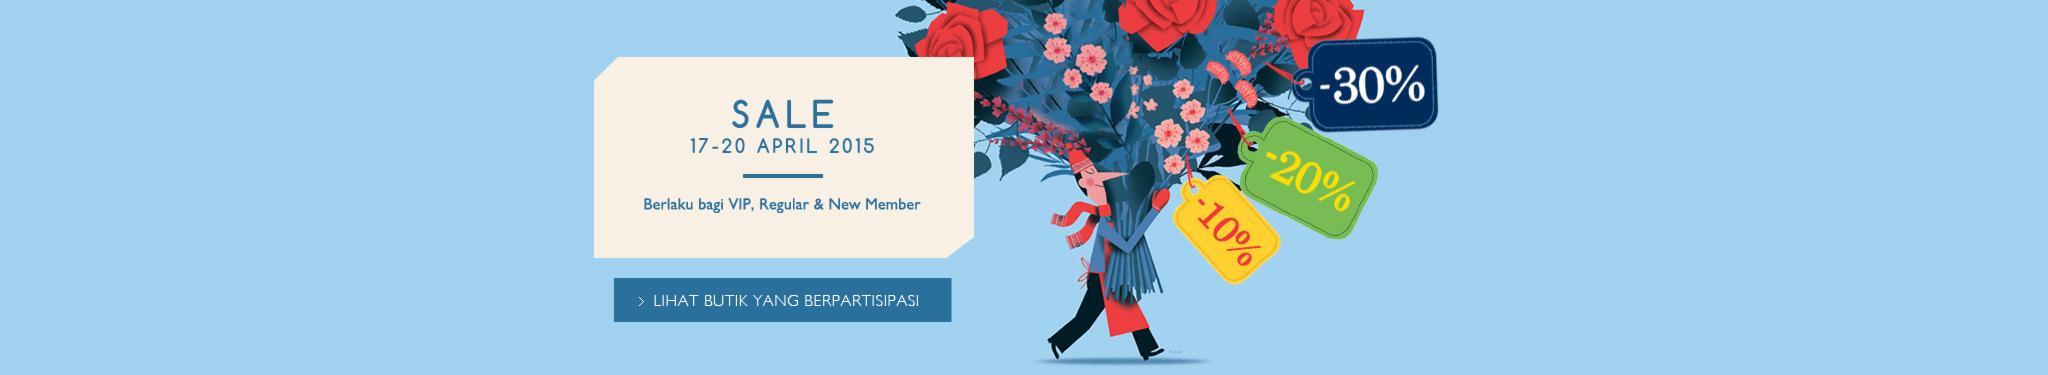 SALE! 17-20 April 2015